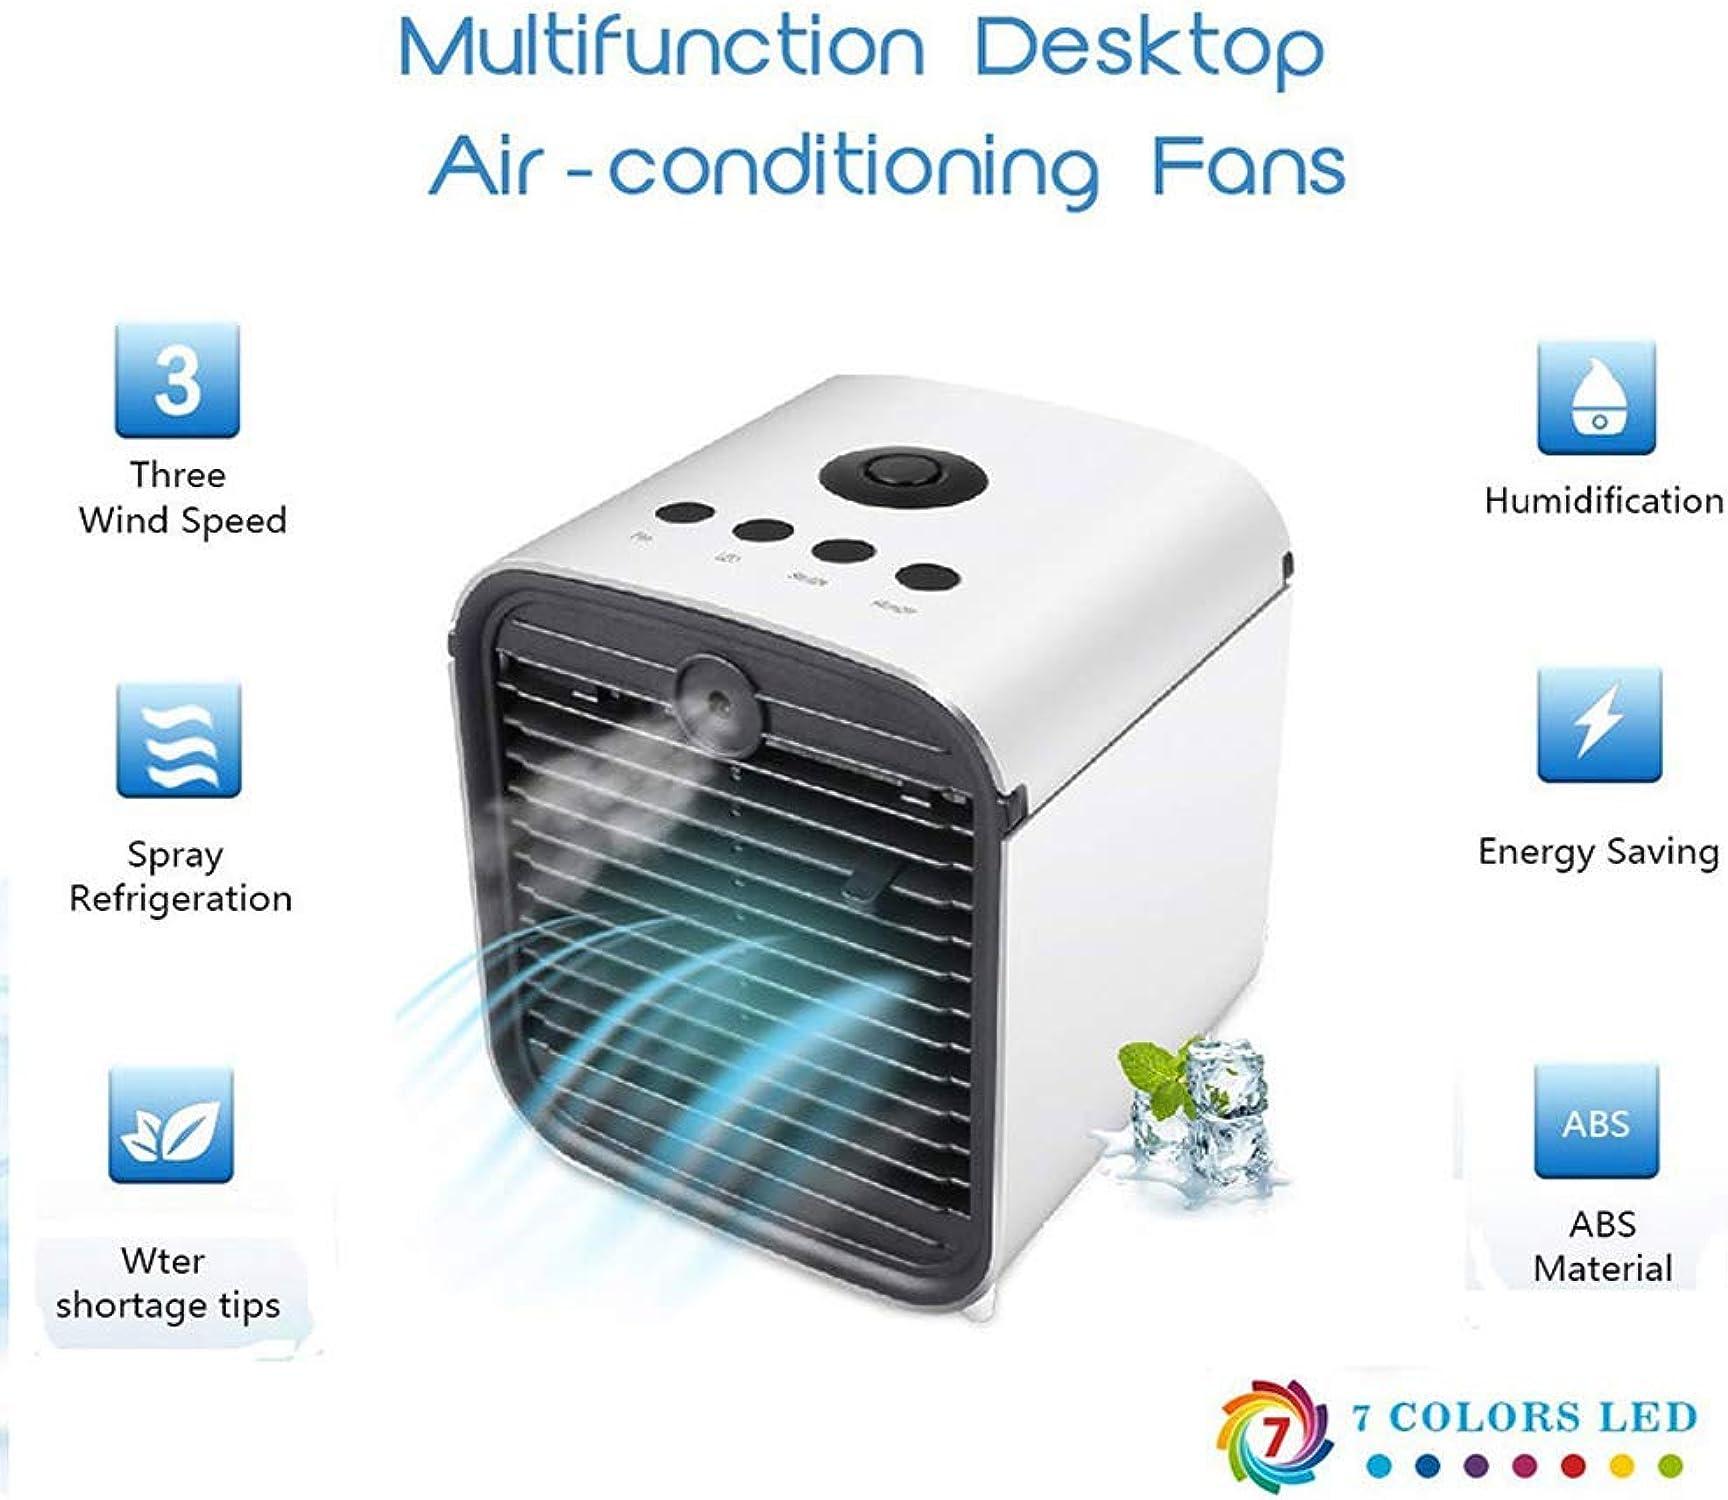 ALEILLA Mini Aire Acondicionado portátil 3 en 1 Prueba de Fugas Enfriador de Aire de Escritorio Humidificador Purificador con Luces LED de 7 Colors 3 velocidades